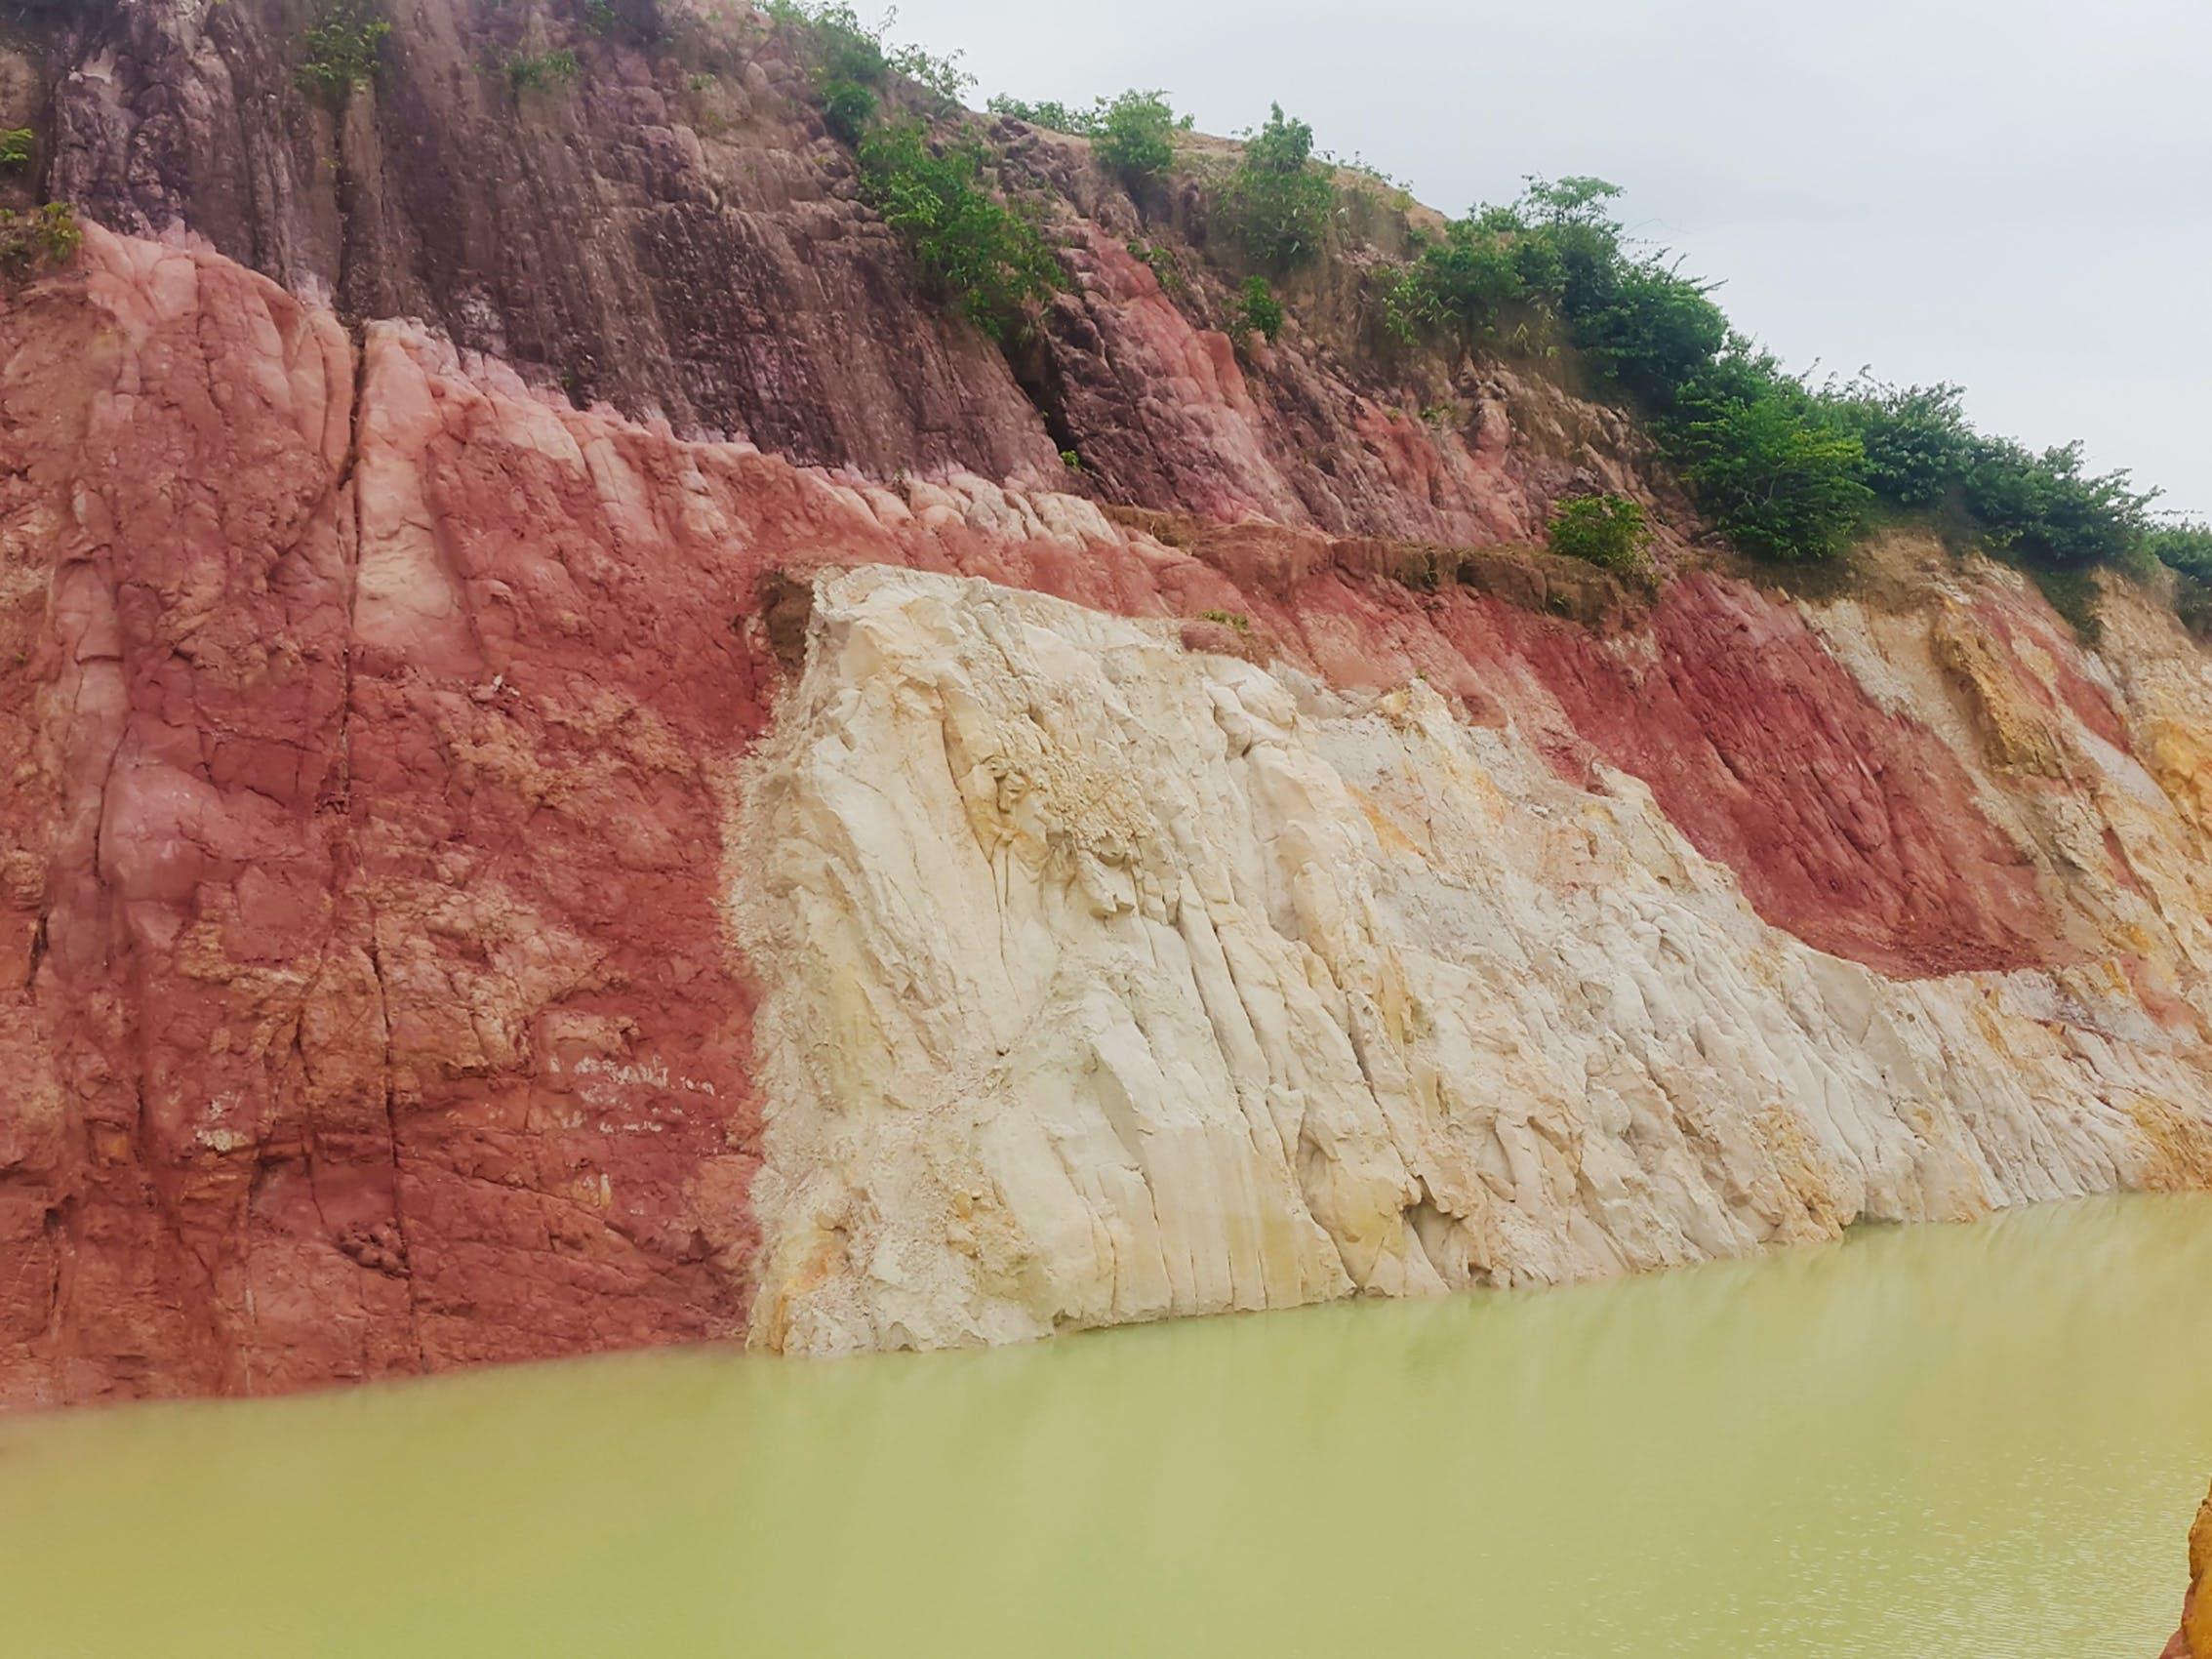 lake, soil